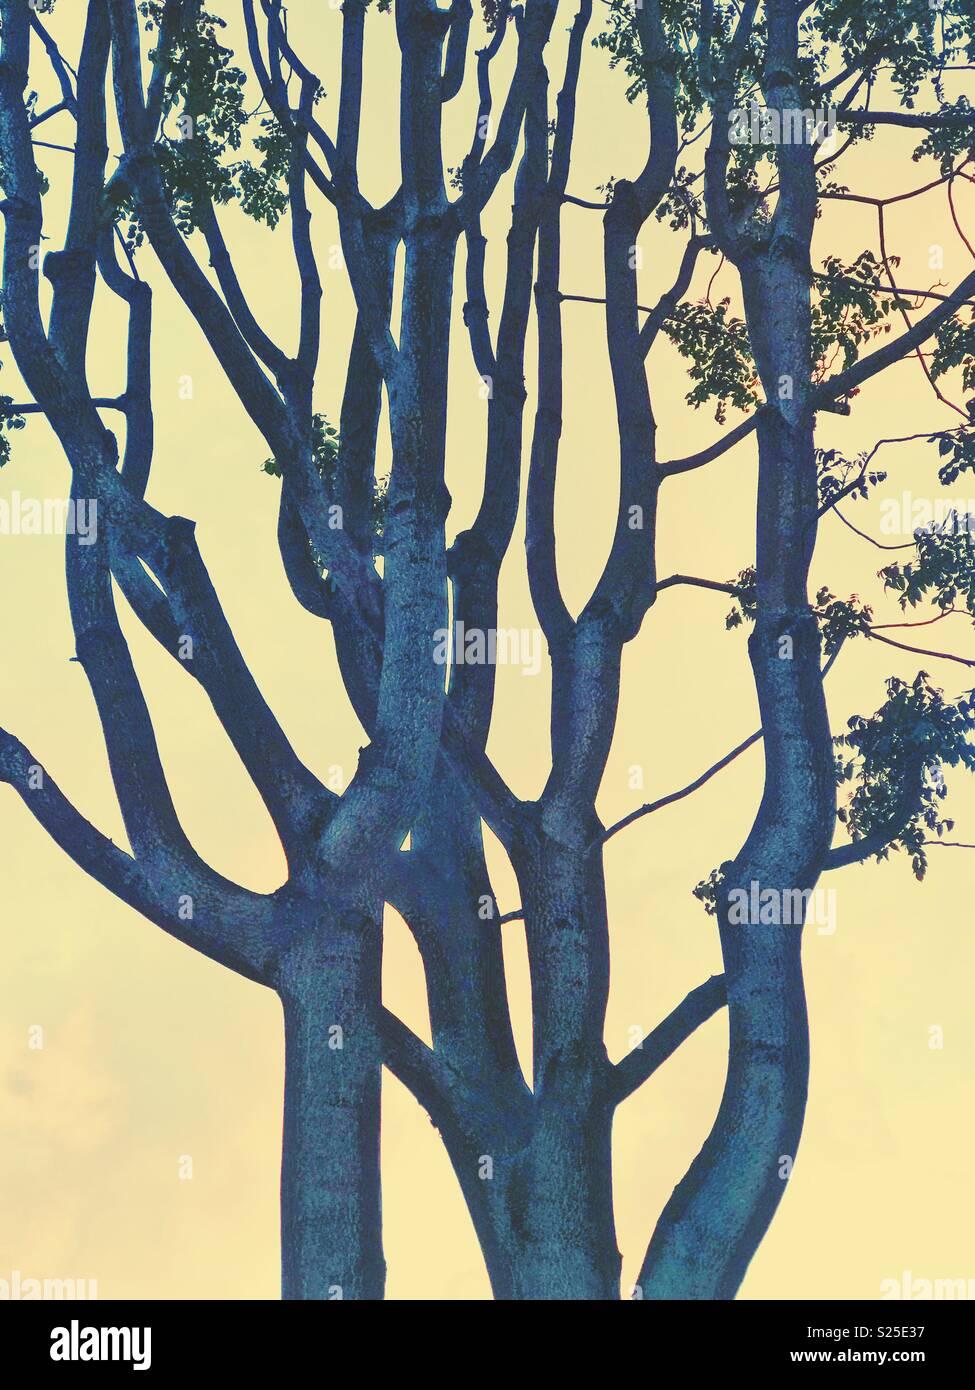 Un abrégé d'un arbre de couleur bleue sur fond jaune Photo Stock